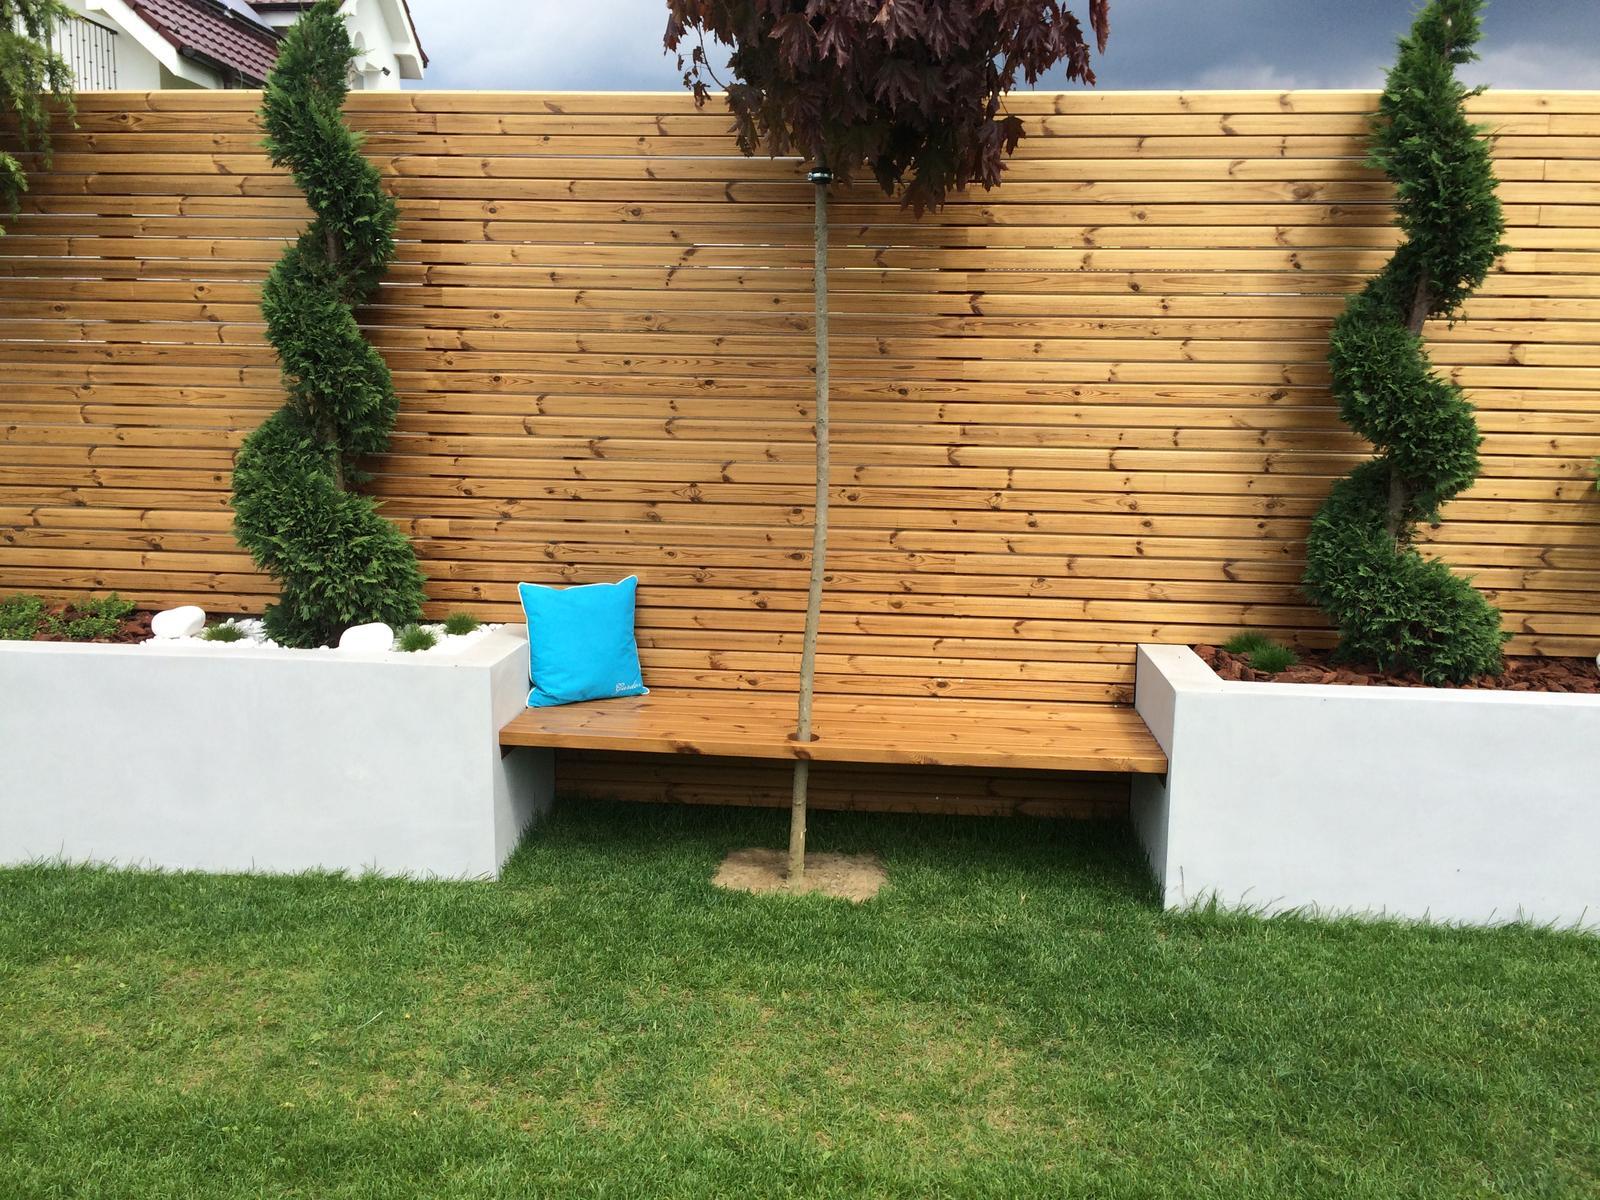 Zahradka - nedokoncena lavica 2m